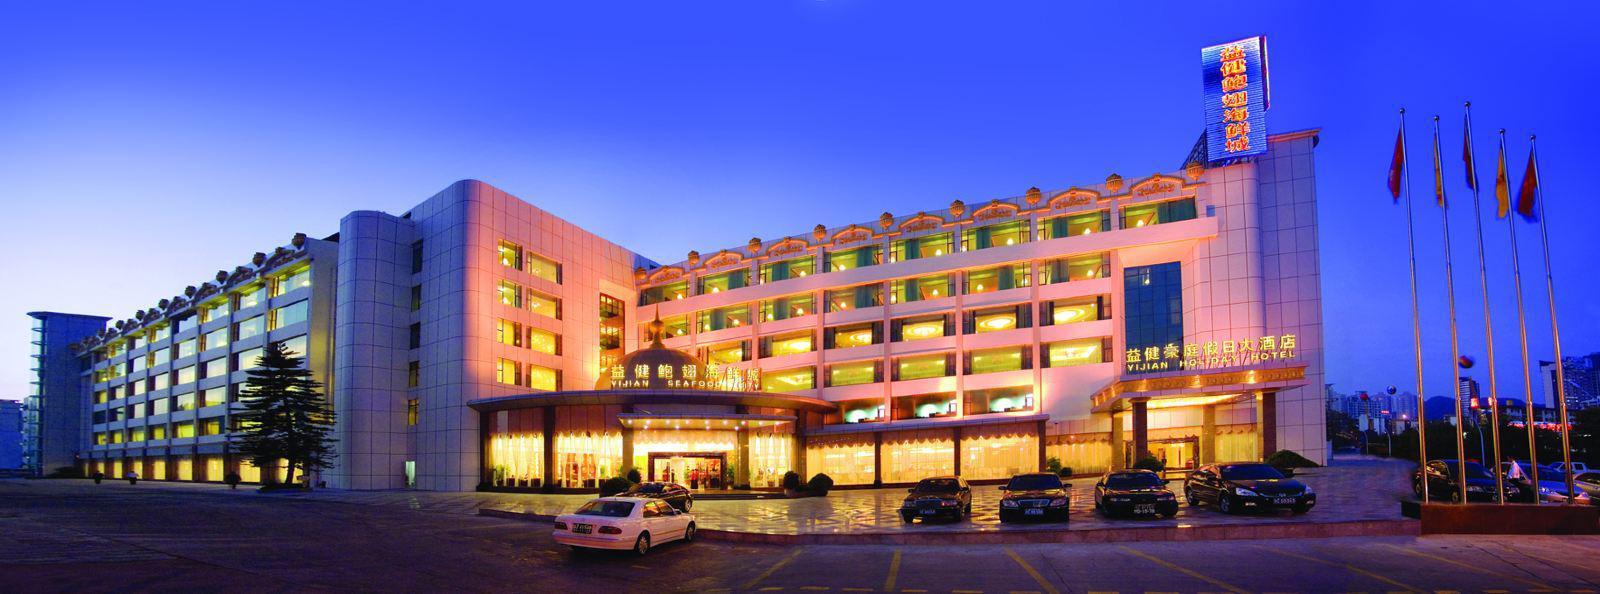 Yijian Haoting Holiday Hotel